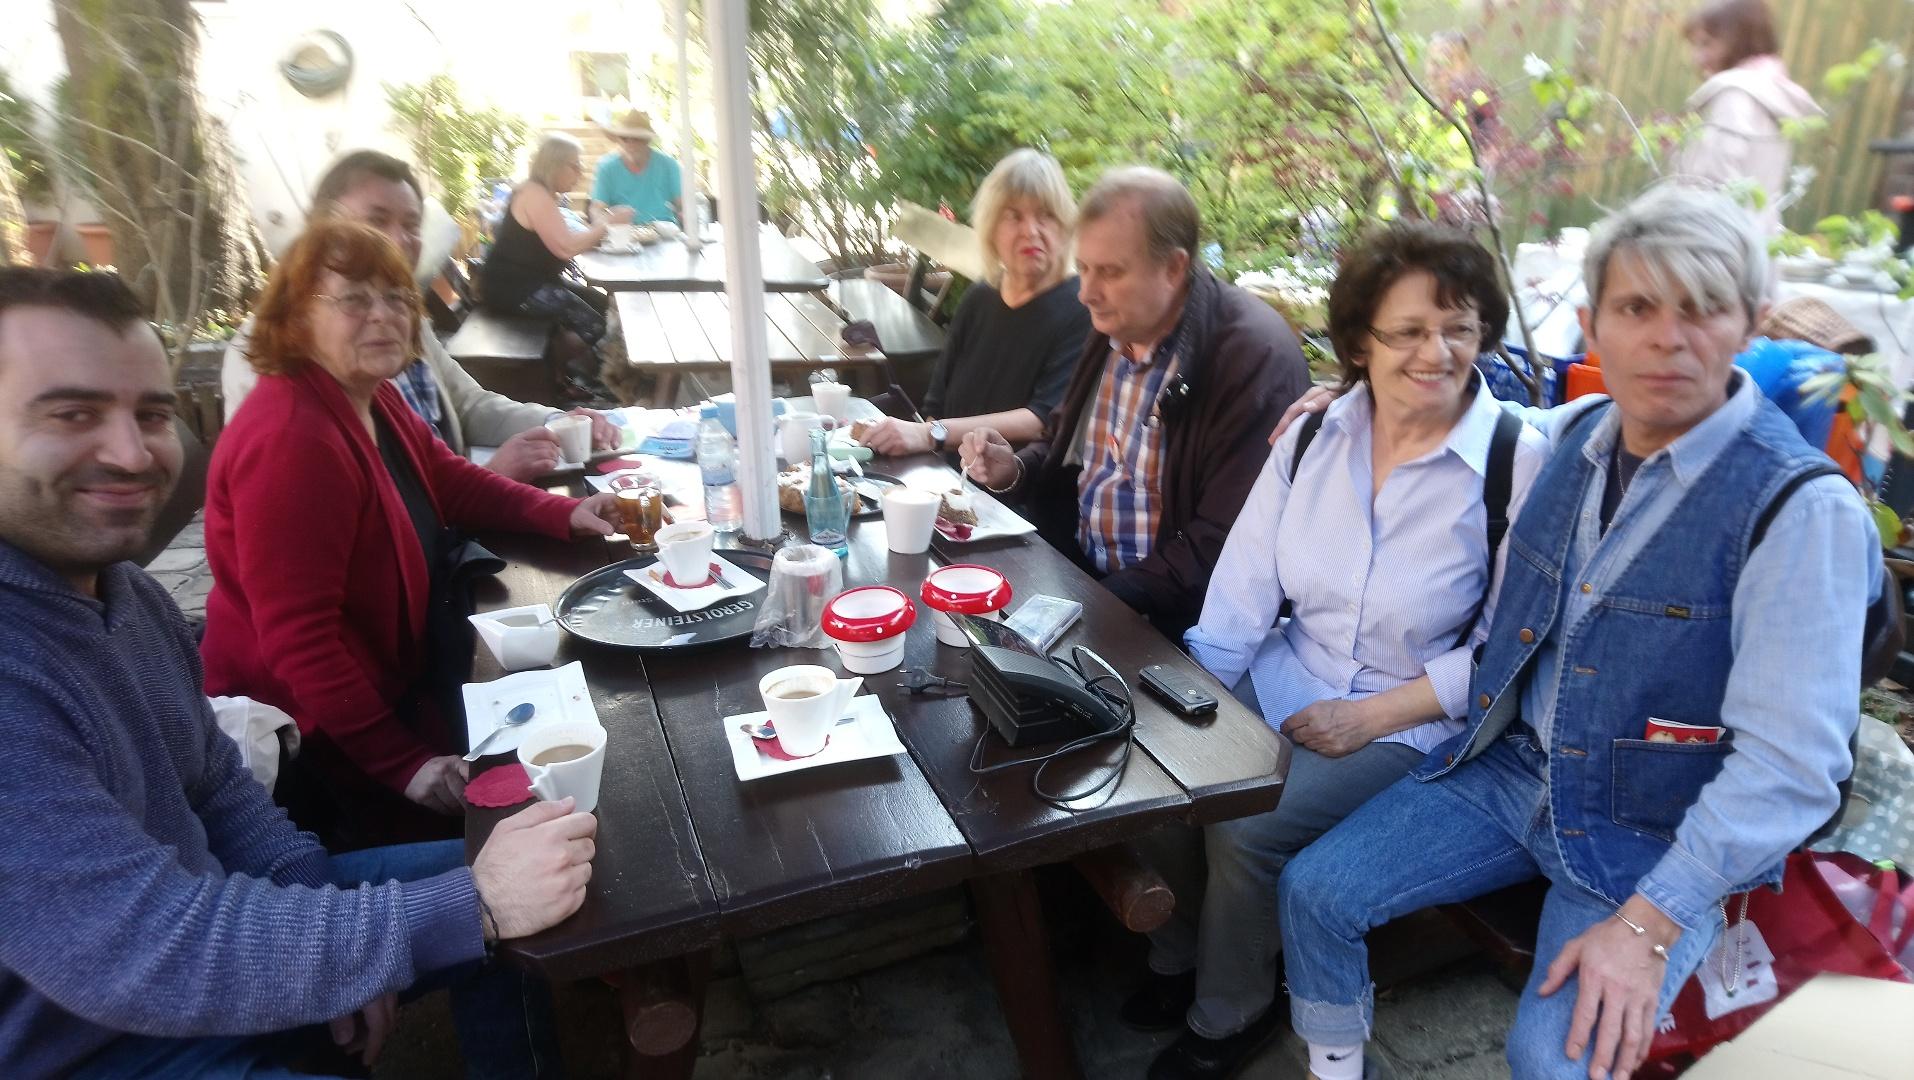 Das N+Troedelteam sitzt 2019 zusammen bei Kaffee und Kuchen bei der Eröffnung des Trödelmarktes